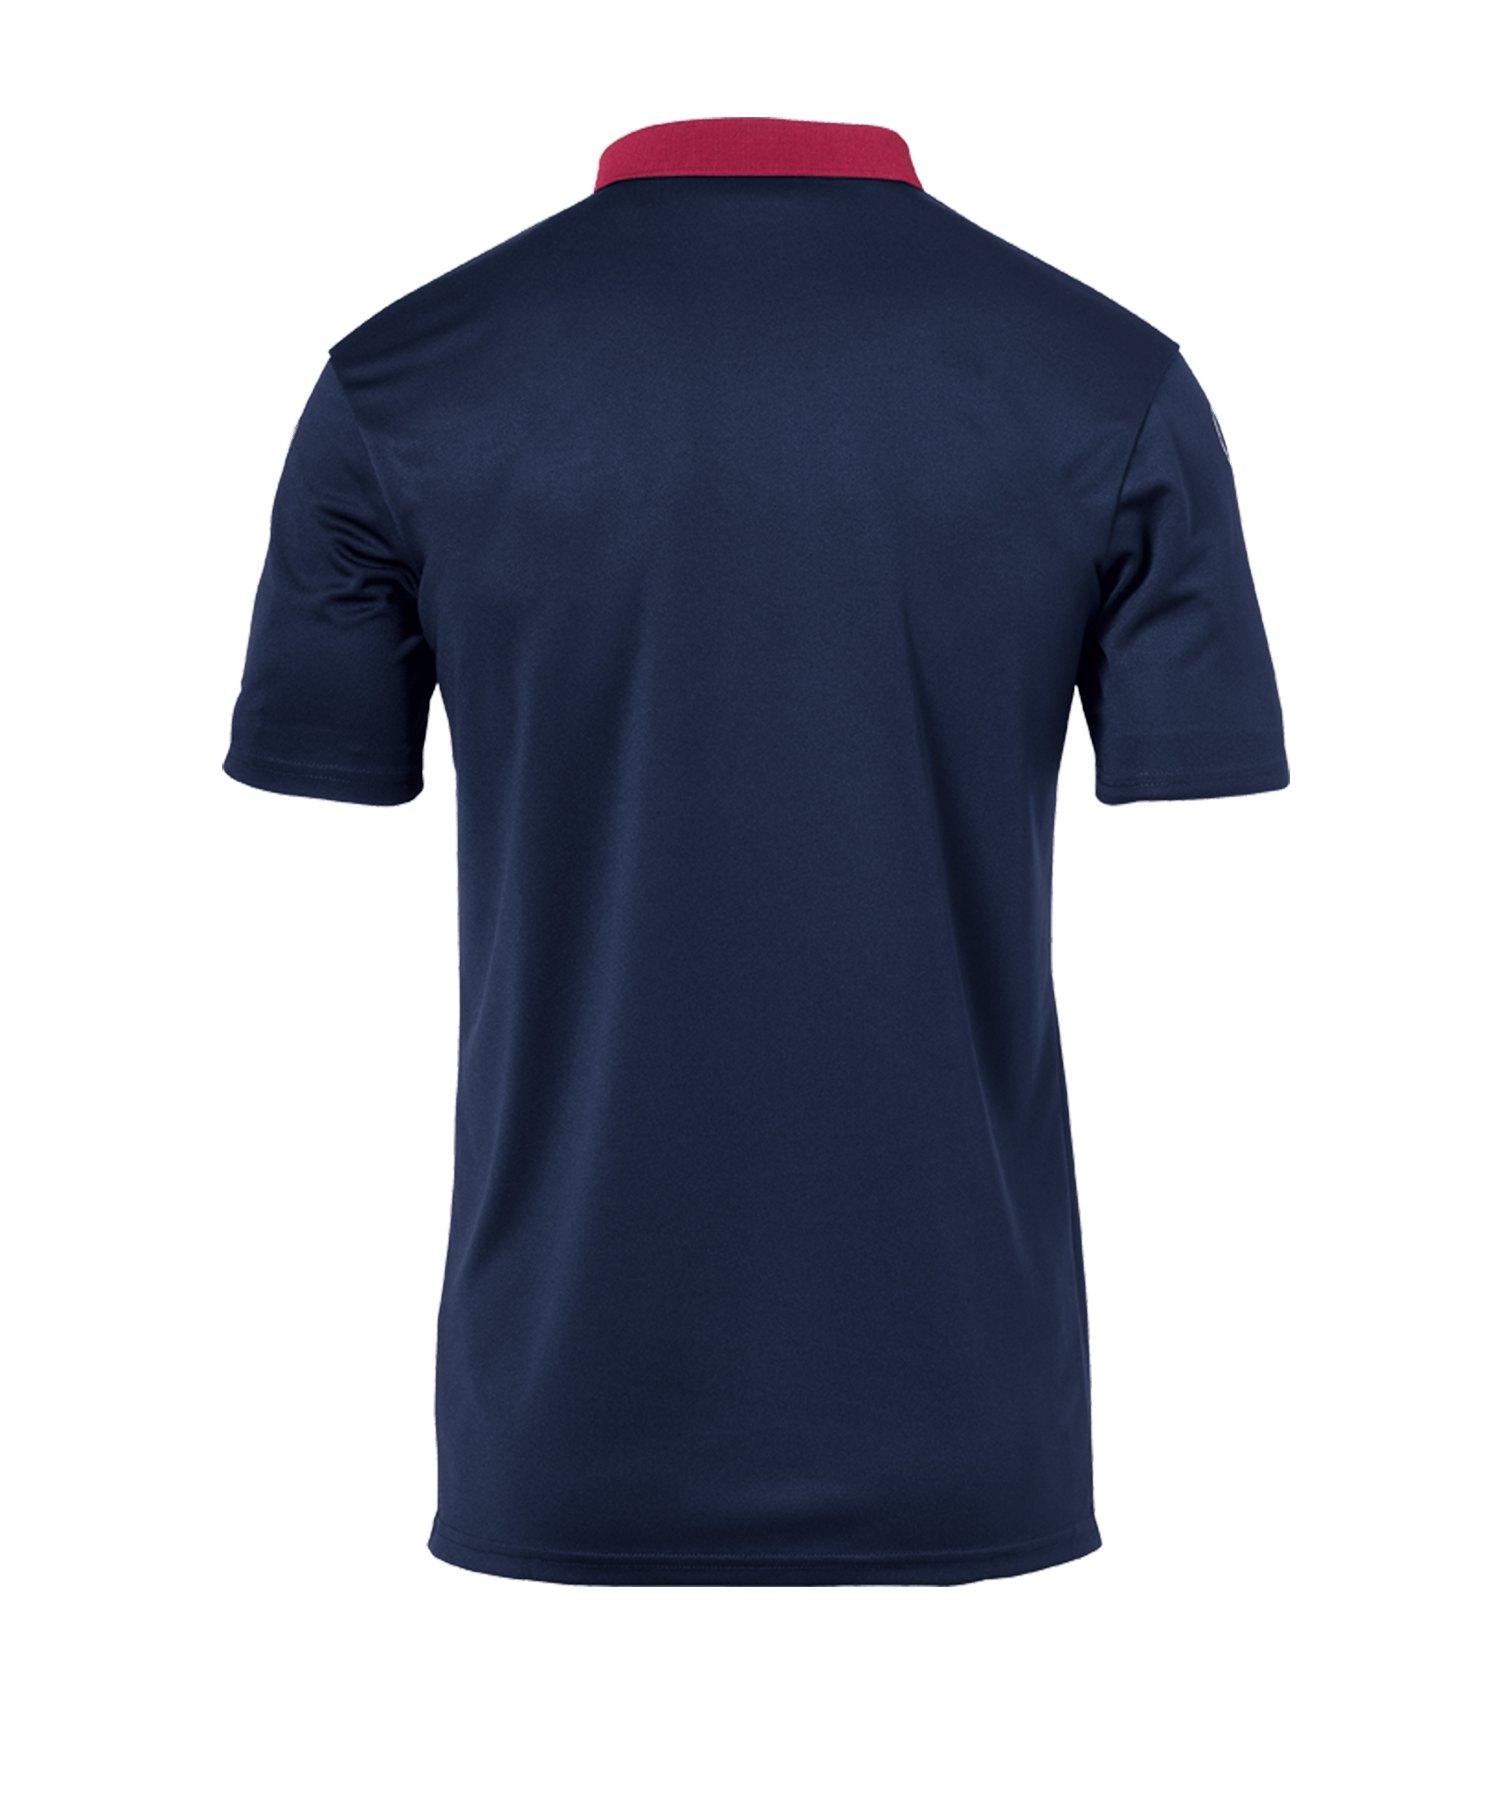 Uhlsport Offense 23 Polo Shirt Blau F13 - blau